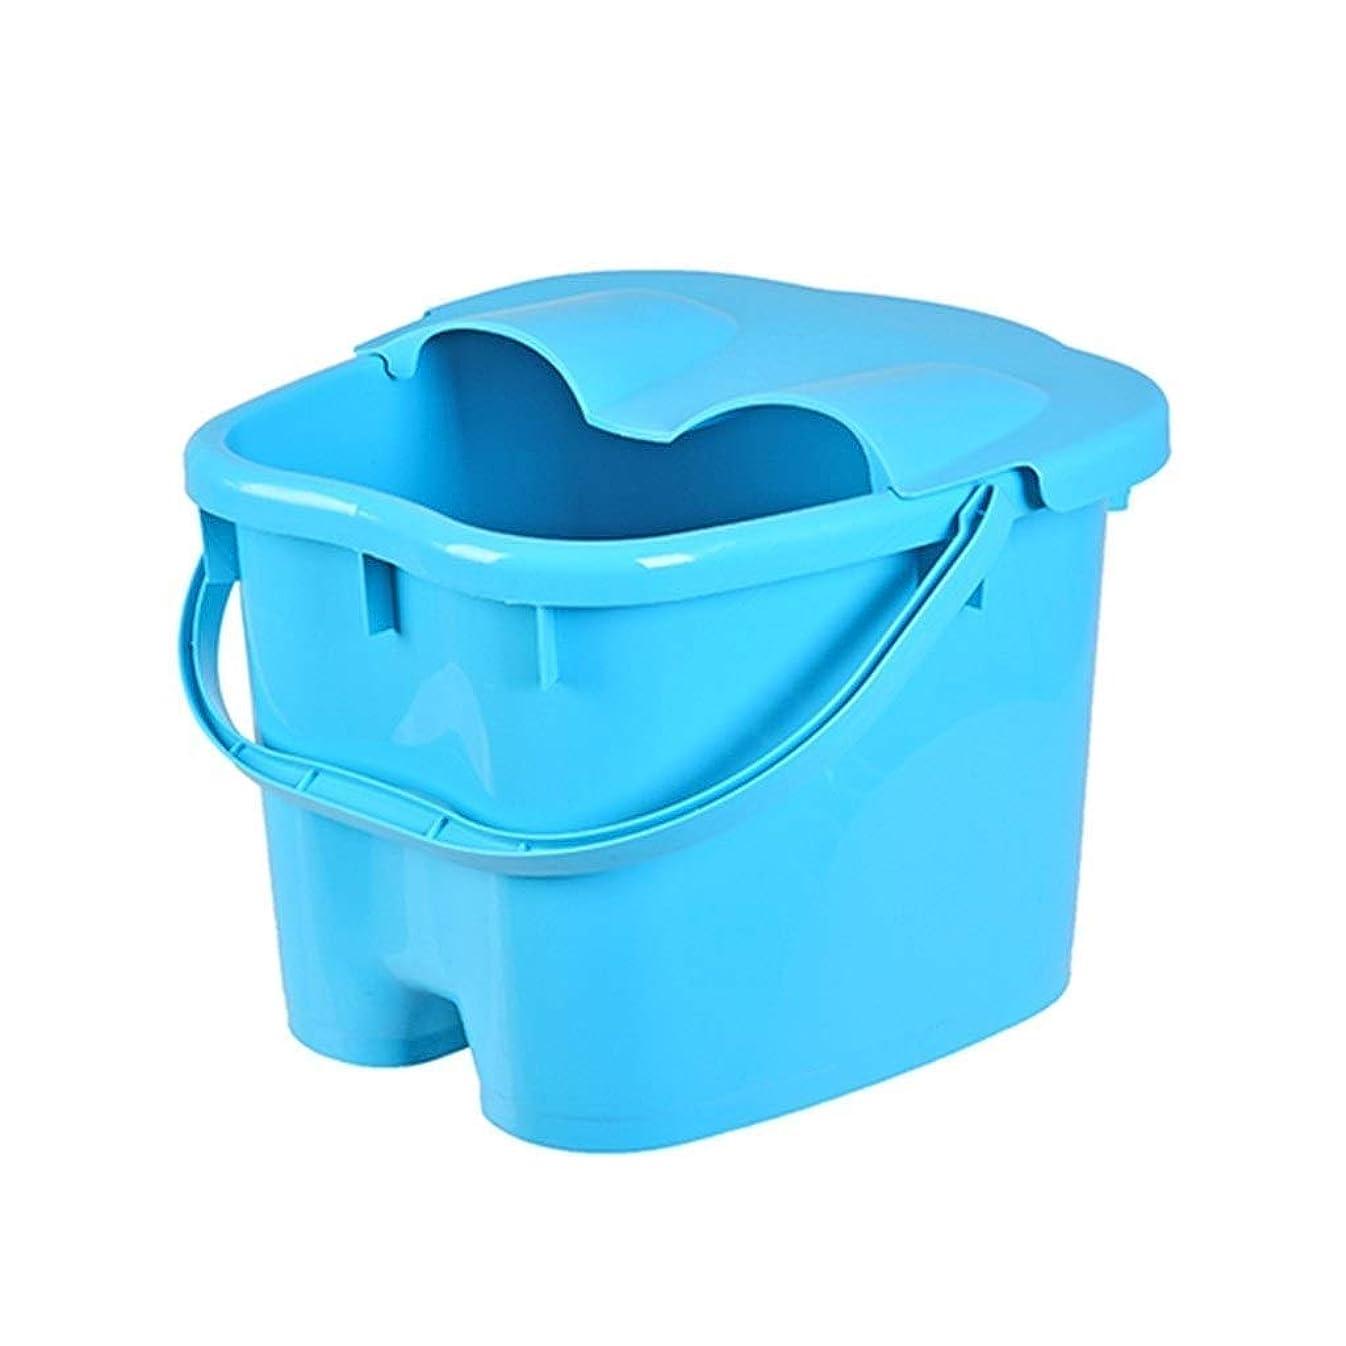 引き潮アレルギー性地獄世帯の鉱泉のマッサージの足湯バケツ - 運ぶこと容易なプラスチックFootWashingの洗面器のフィートの浴槽のバレル 504 (色 : 緑, サイズ さいず : 23cm high) XM1209-8-12-11 (Color : Blue, Size : 23cm high)